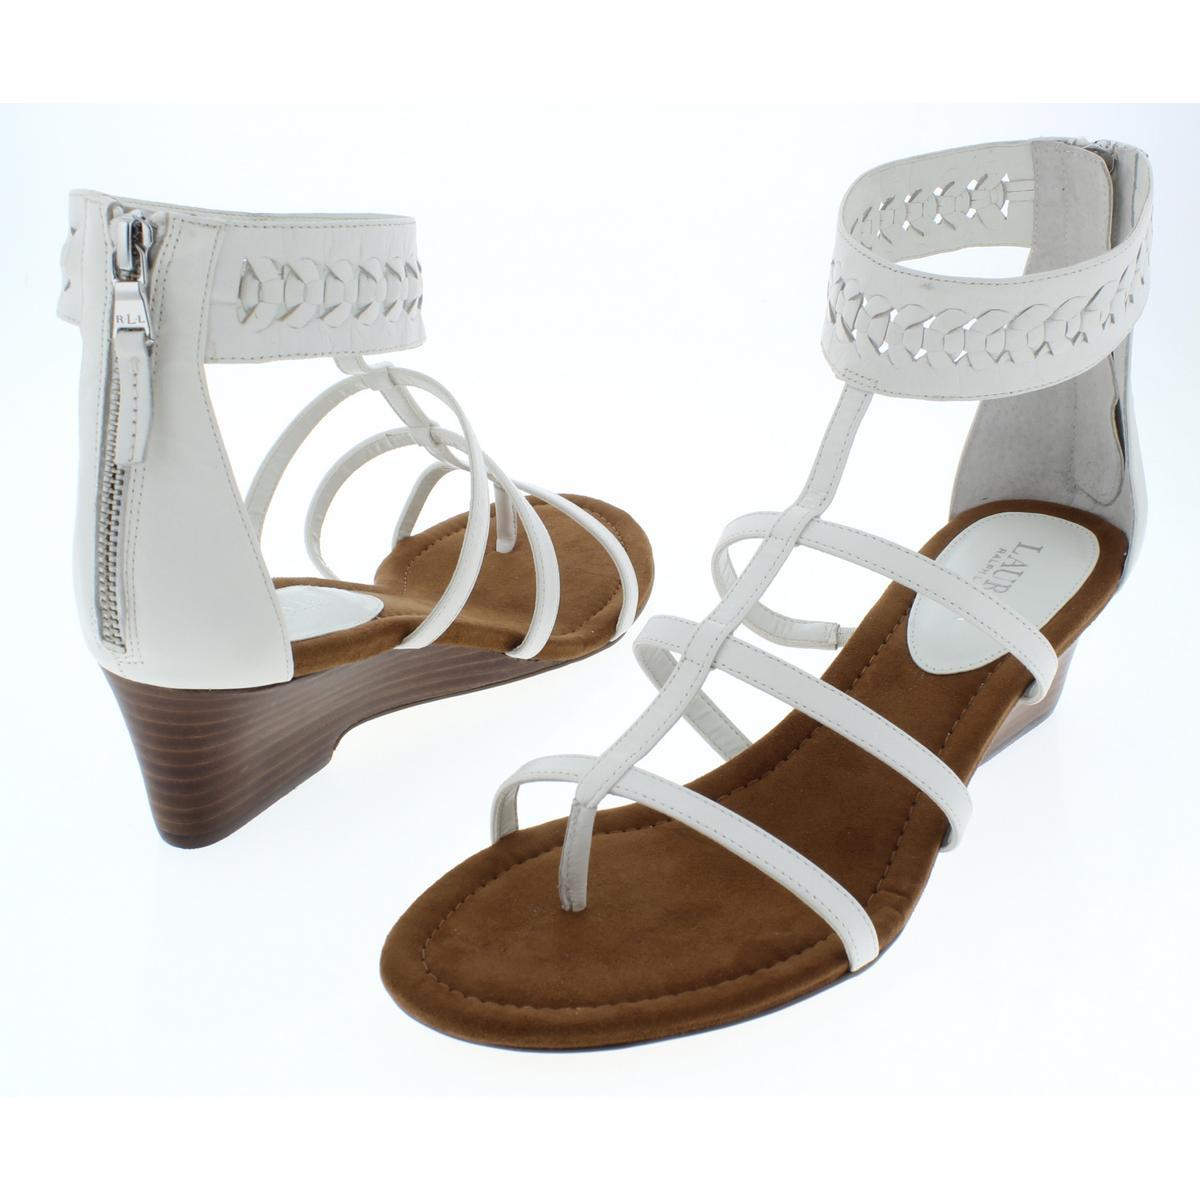 Lauren-Ralph-Lauren-Womens-Meira-Solid-Thong-Wedges-Sandals-BHFO-4677 thumbnail 6